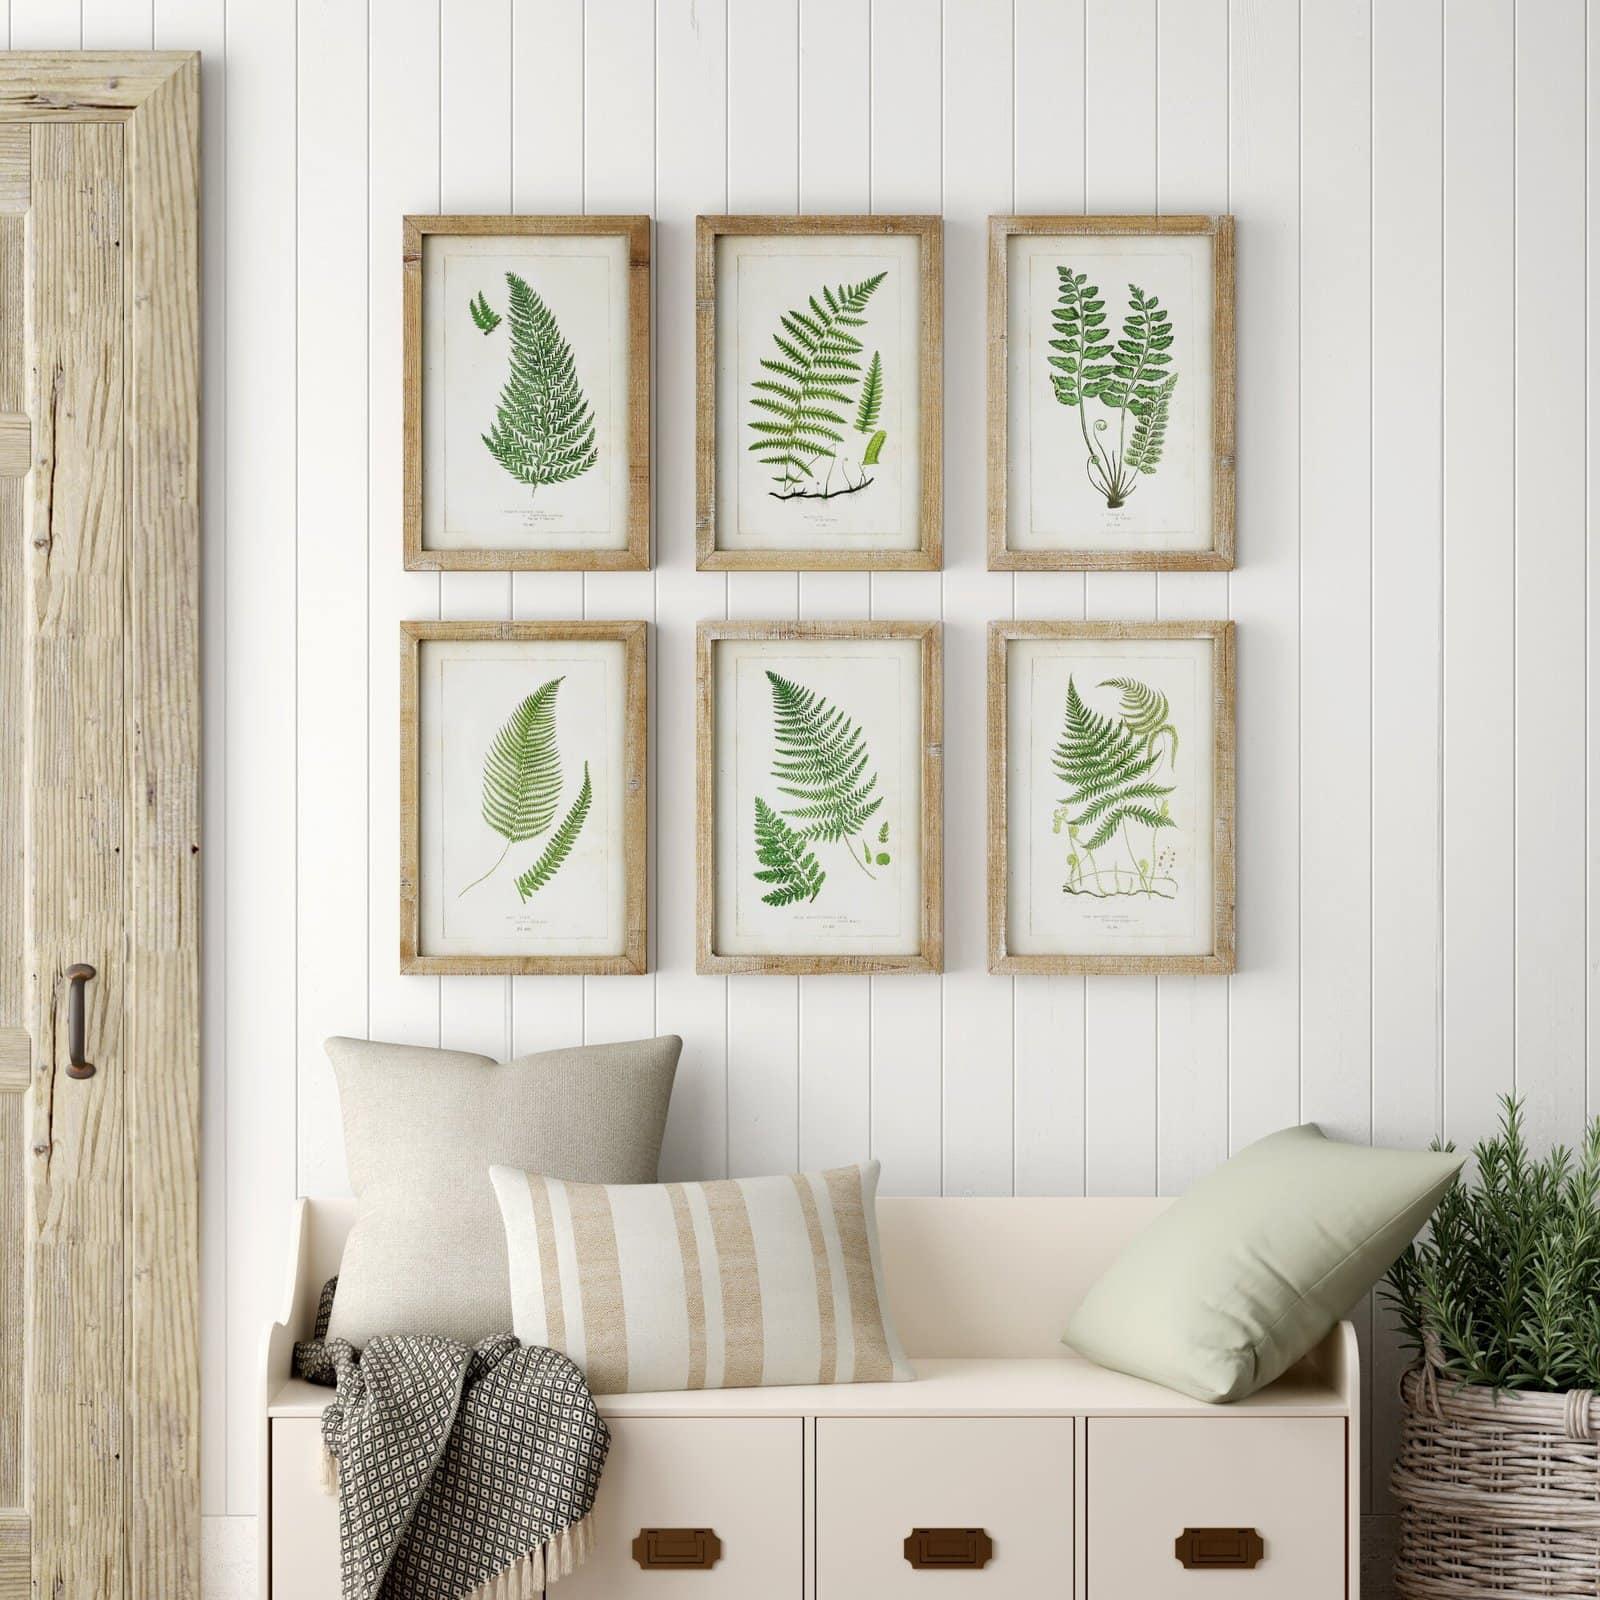 Framed Botanical Wall Art